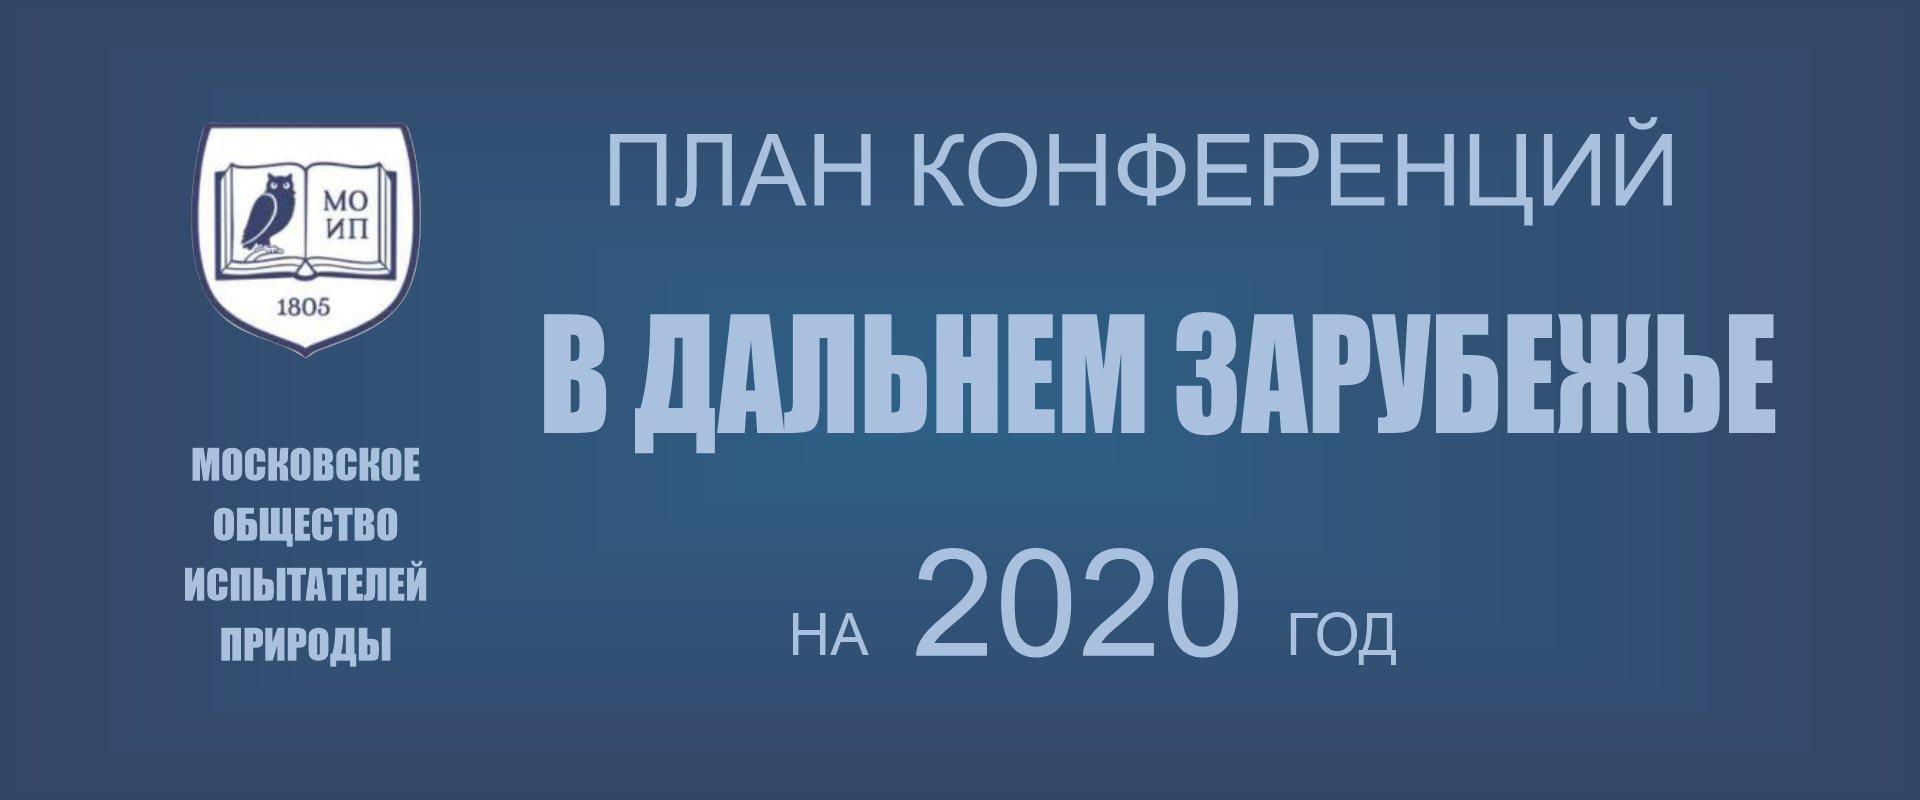 План участия МОИП в конференциях в дальнем зарубежье в 2020 году